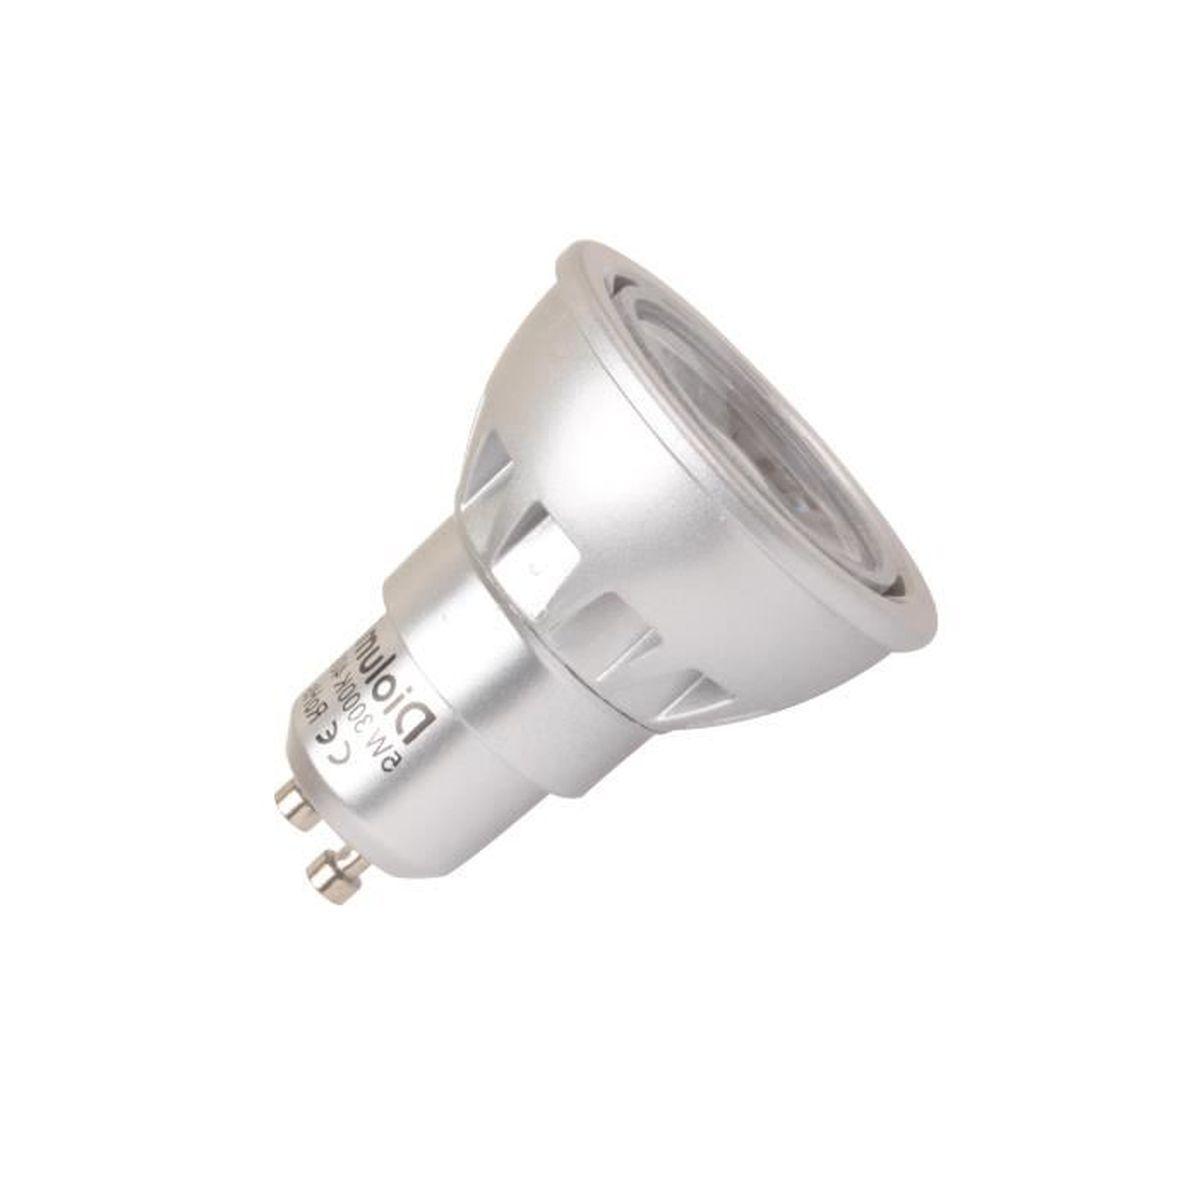 Mes Ampoules Led Scintillent ampoule led spot gu10 5w sans scintillement blanc chaud- 4